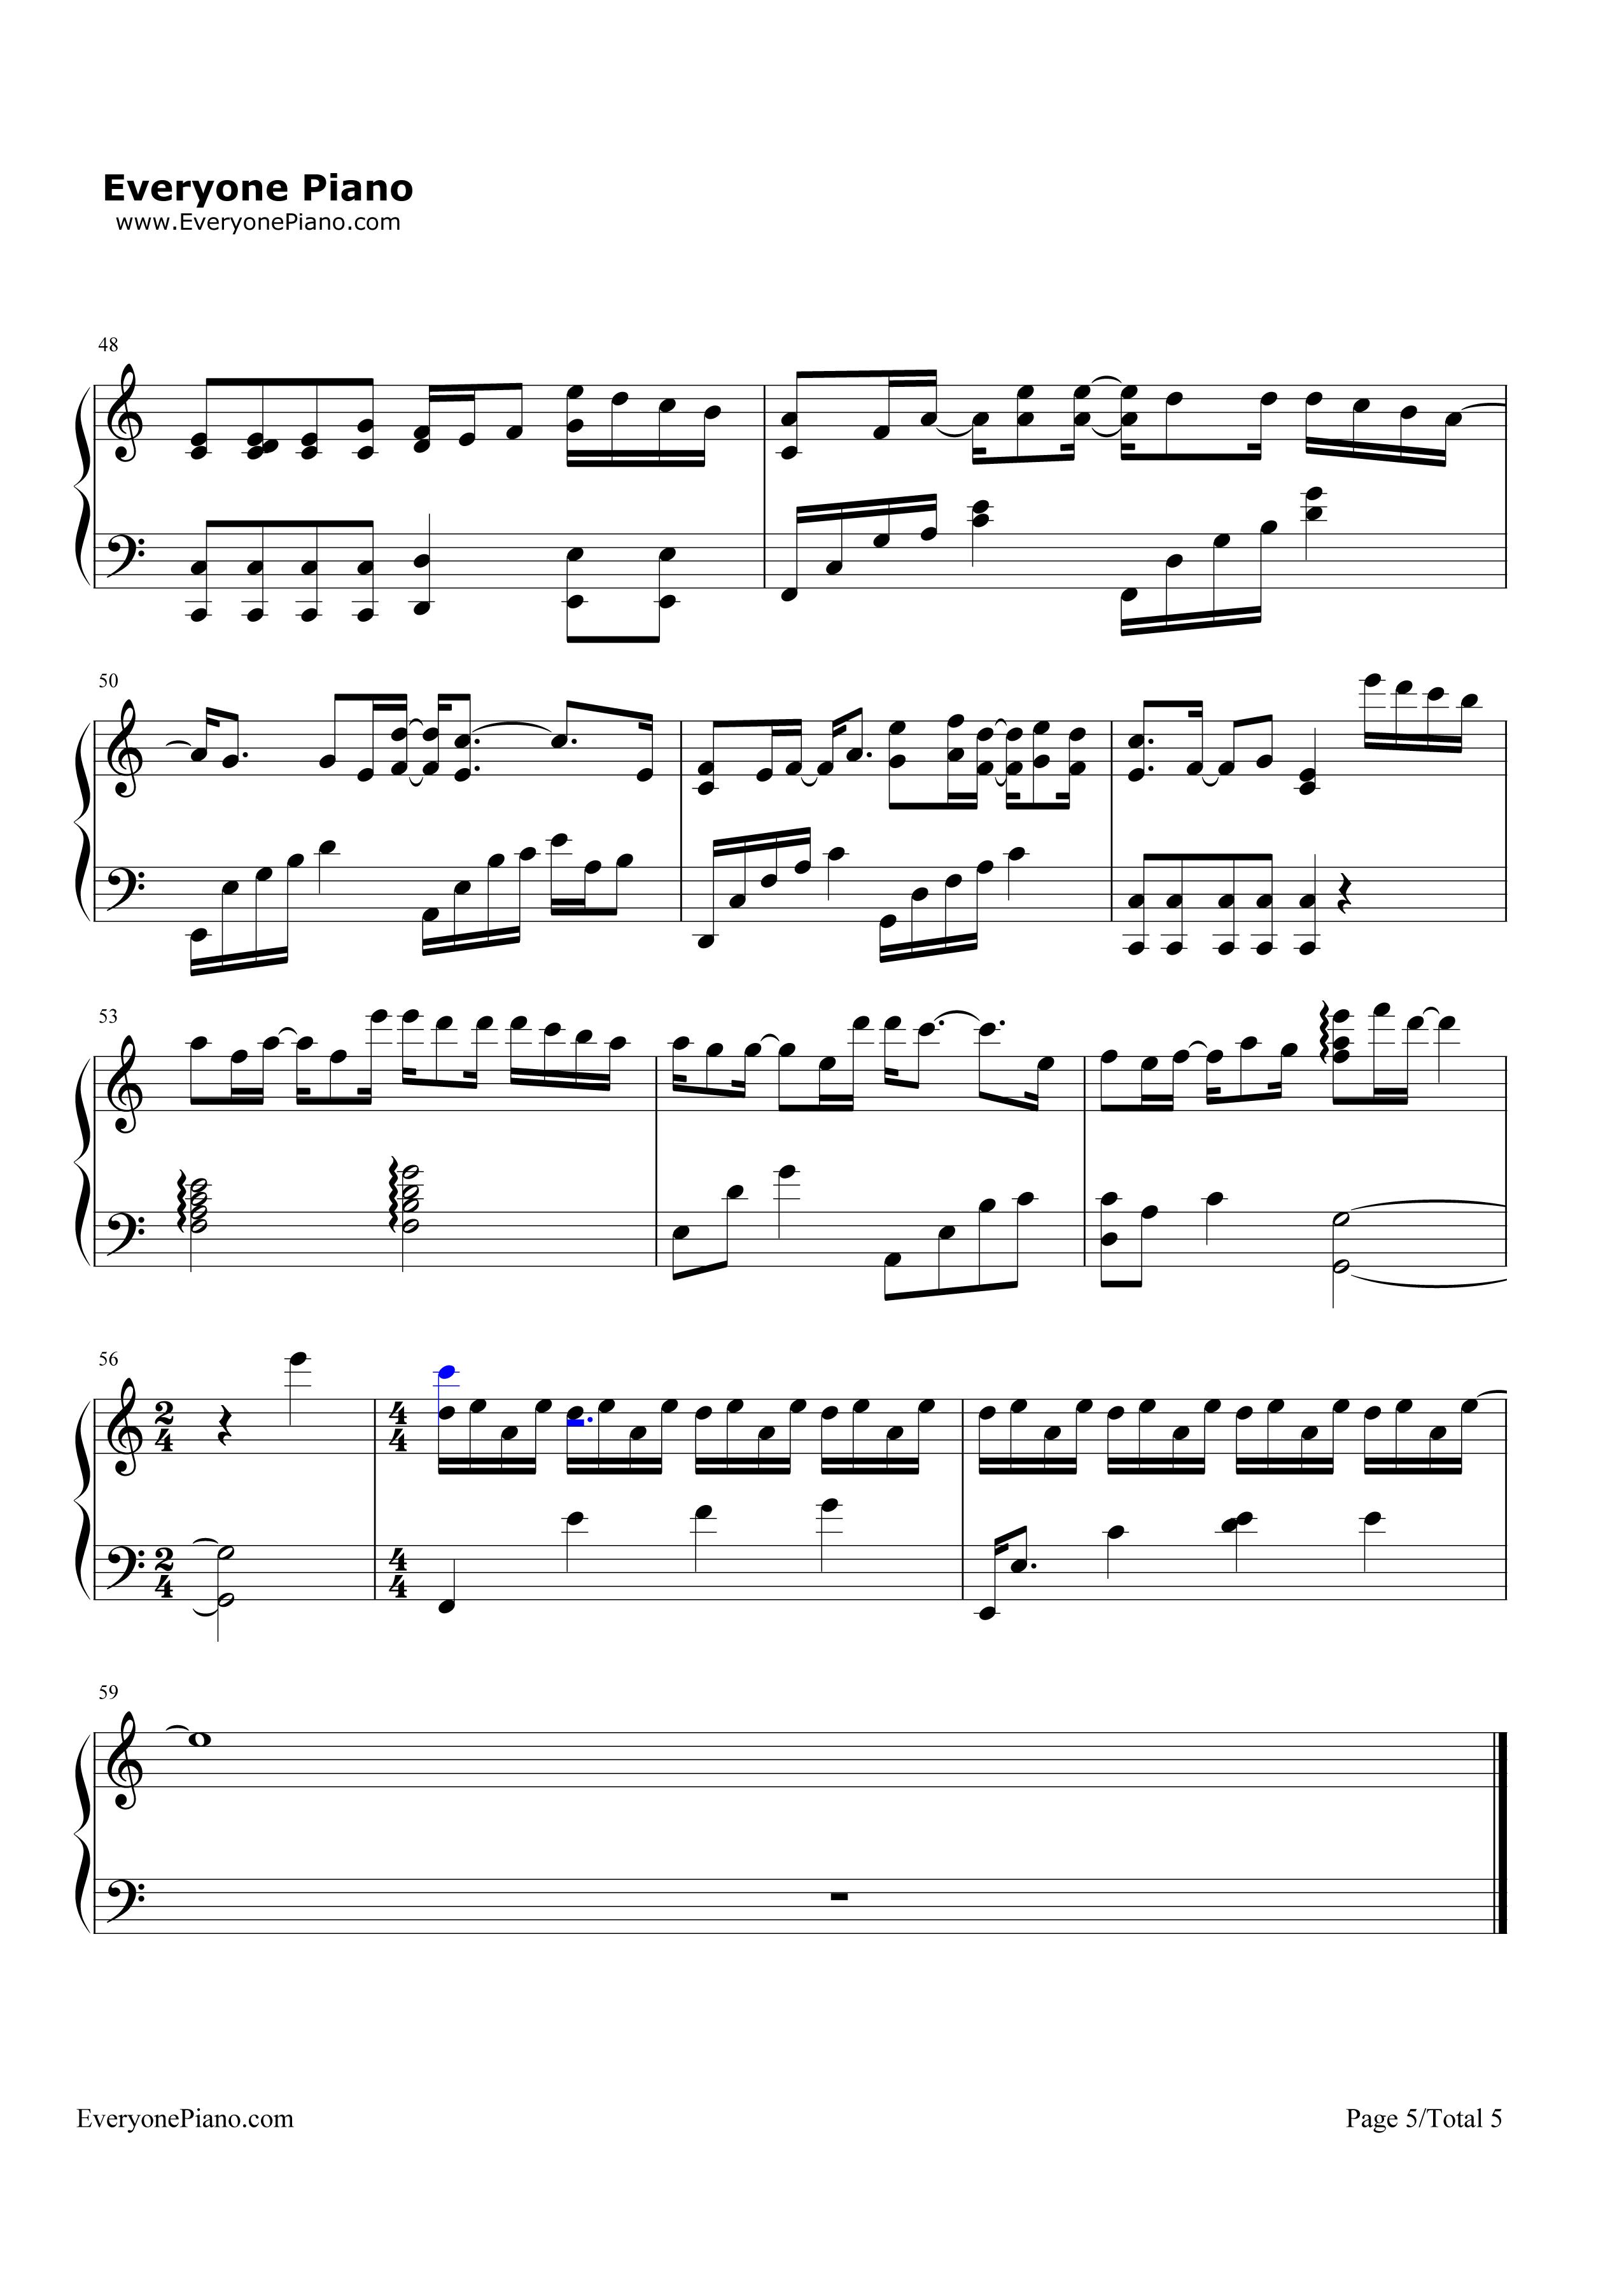 刚刚好-薛之谦五线谱预览5-钢琴谱档(五线谱,双手简谱